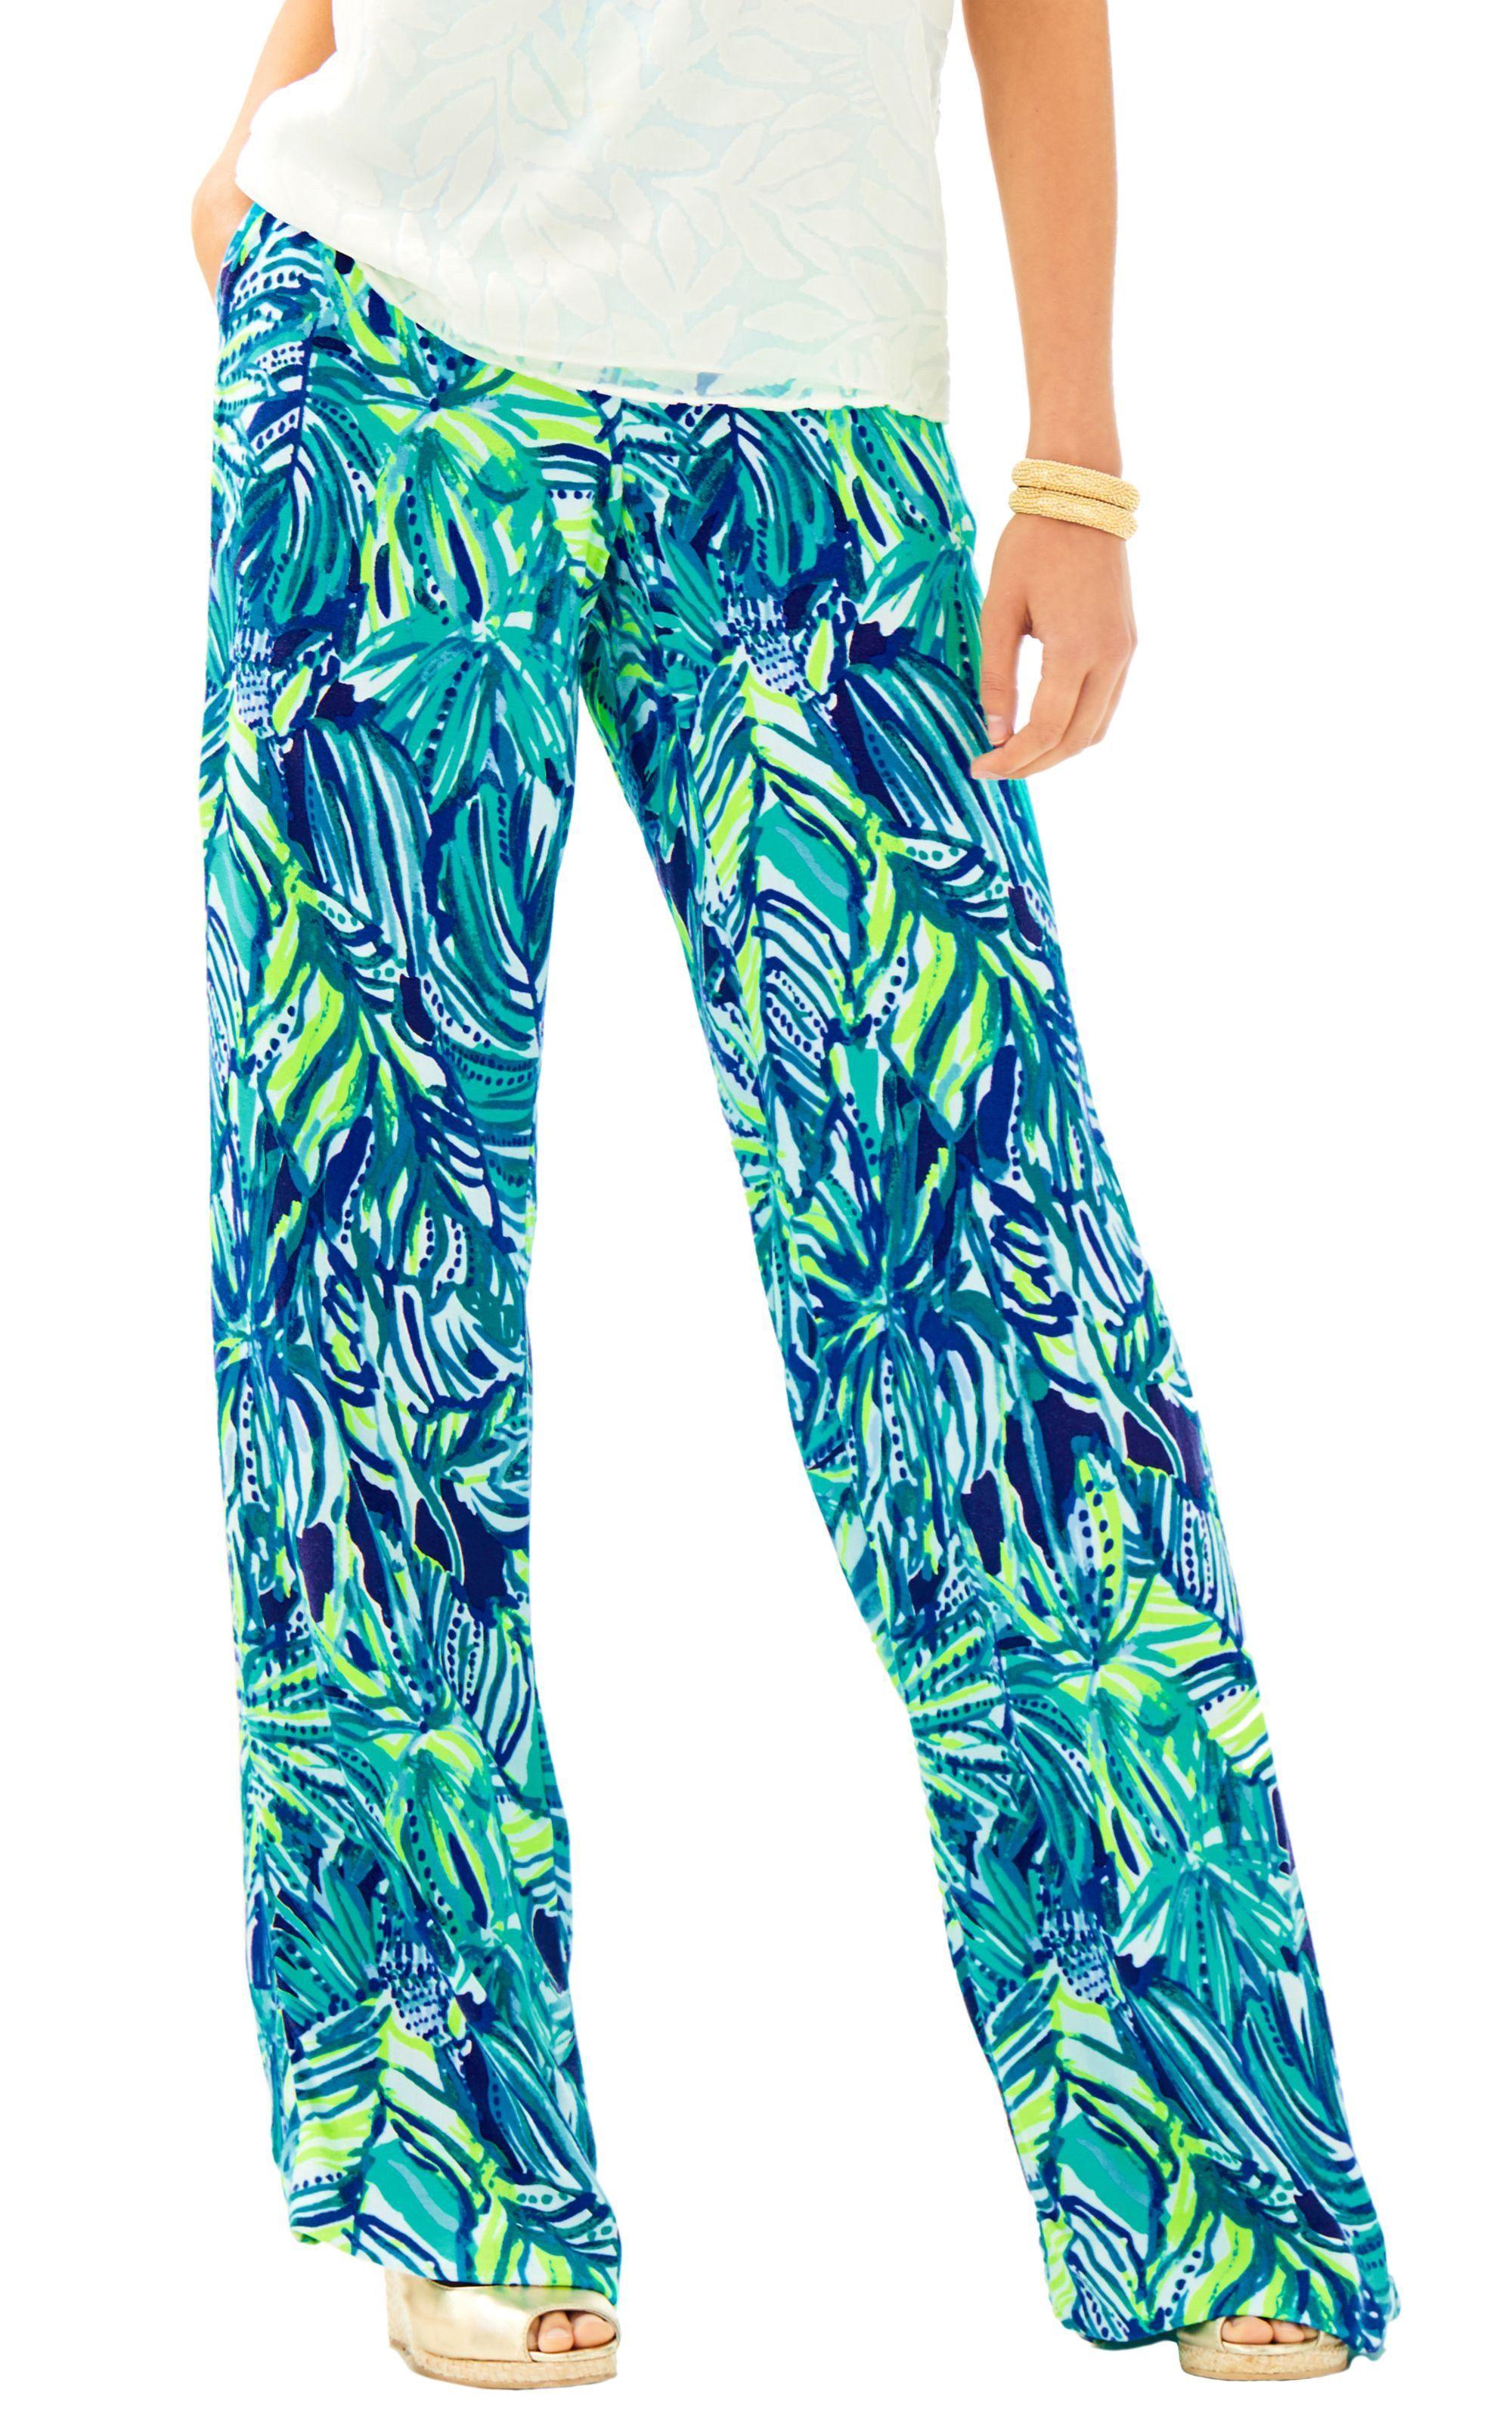 4ed4c0d1ee LILLY PULITZER ISLAMORADA BEACH PALAZZO PANT - Bright Navy Armadilly Dally.  #lillypulitzer #cloth #